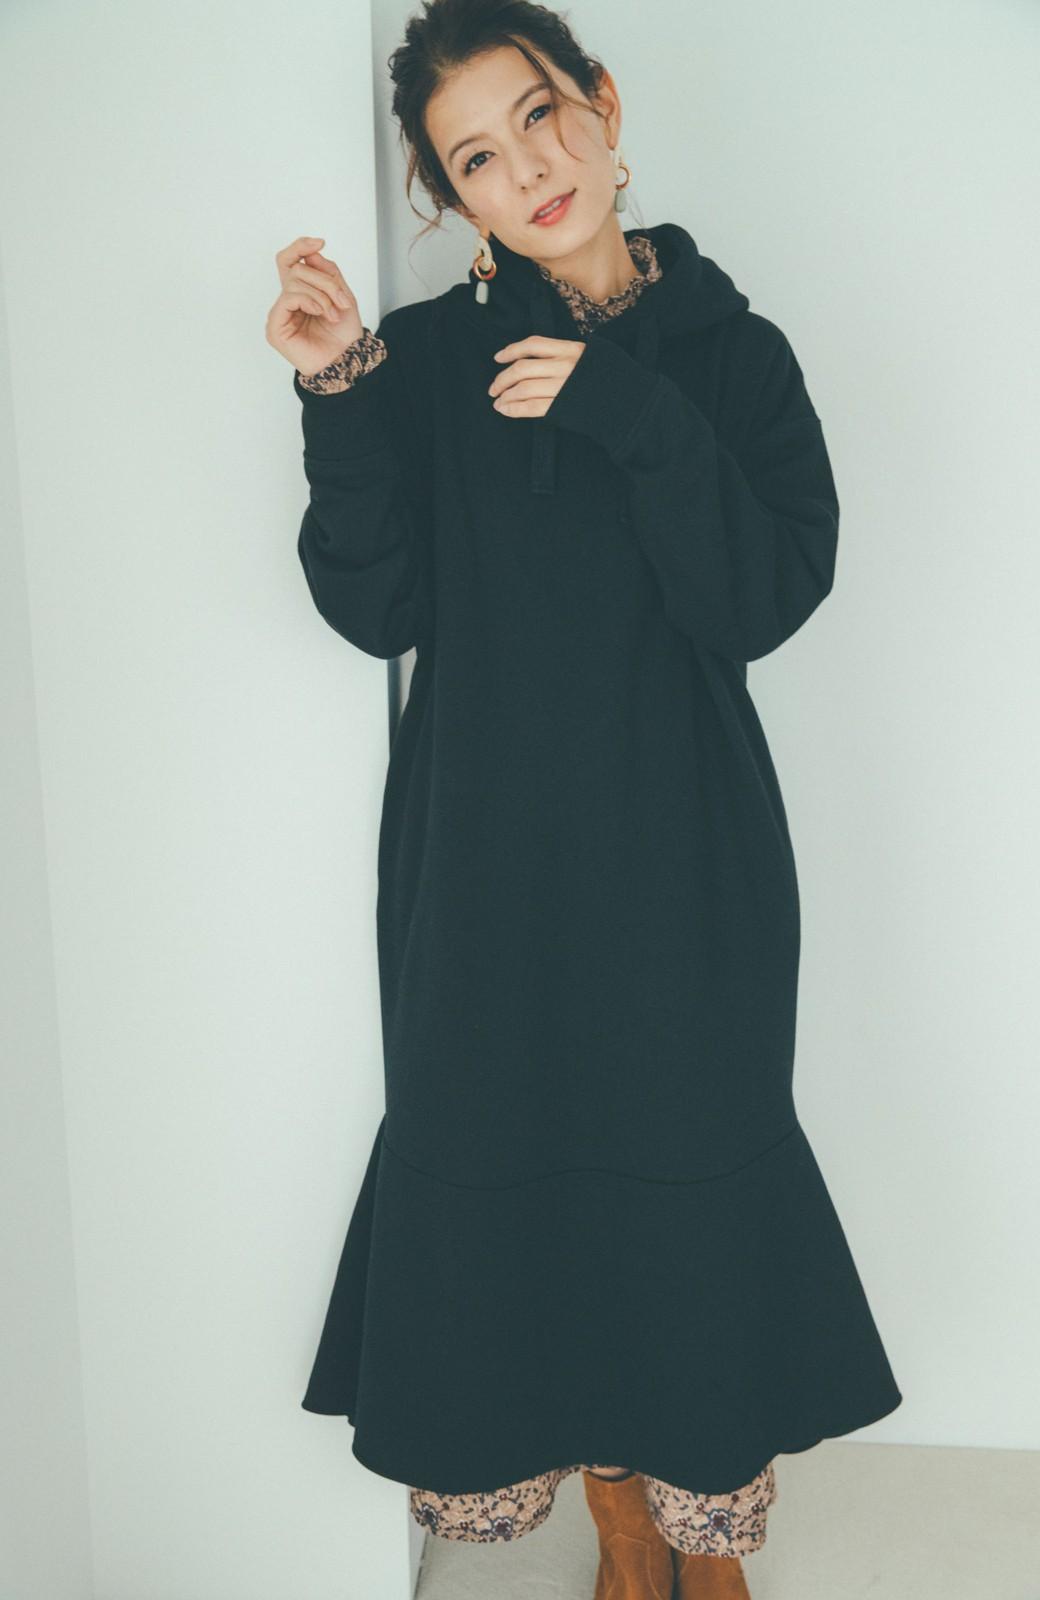 haco! 【スザンヌさんコラボ】ペプラムシルエットのスウェットパーカーワンピース by LOVE&PEACE PROJECT <ブラック>の商品写真3